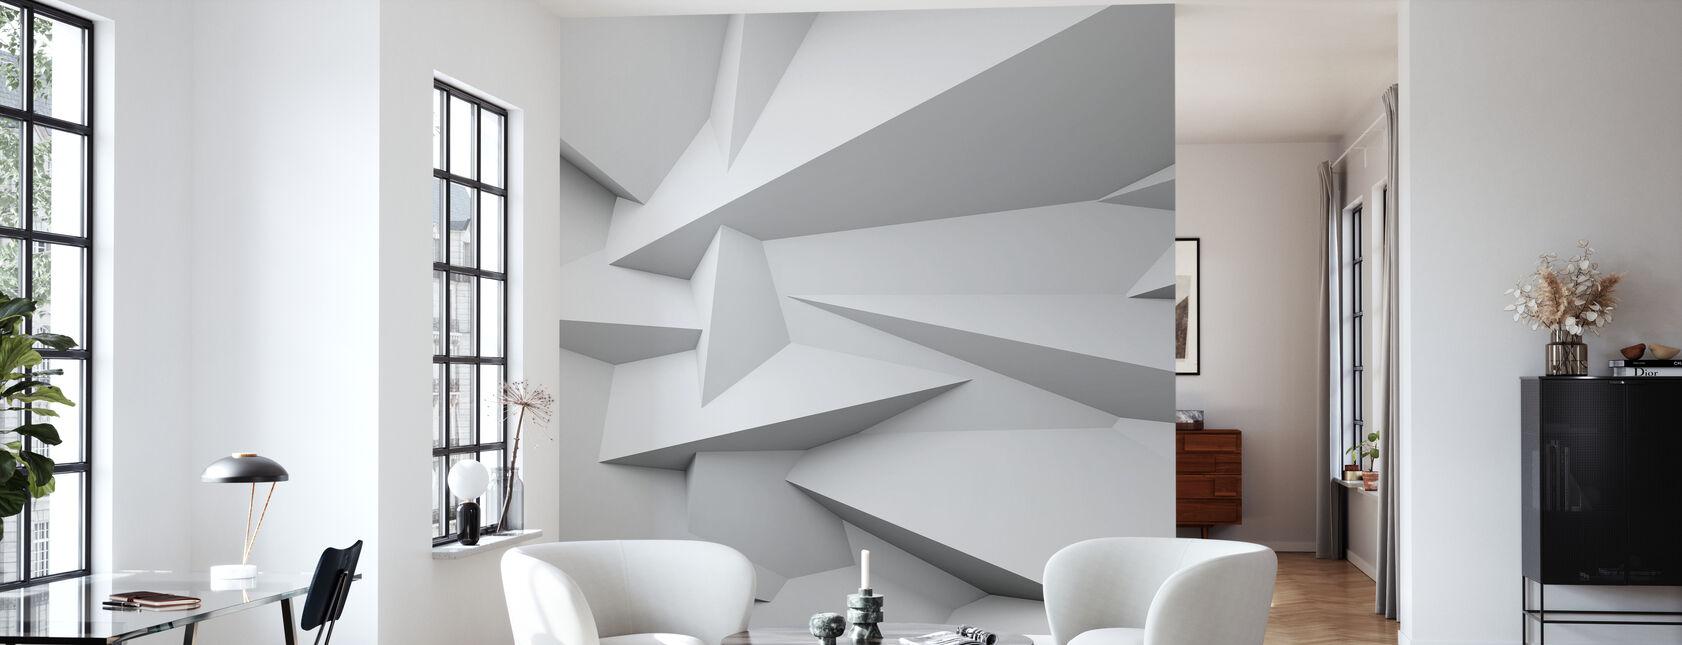 3D muur met facetten - Behang - Woonkamer